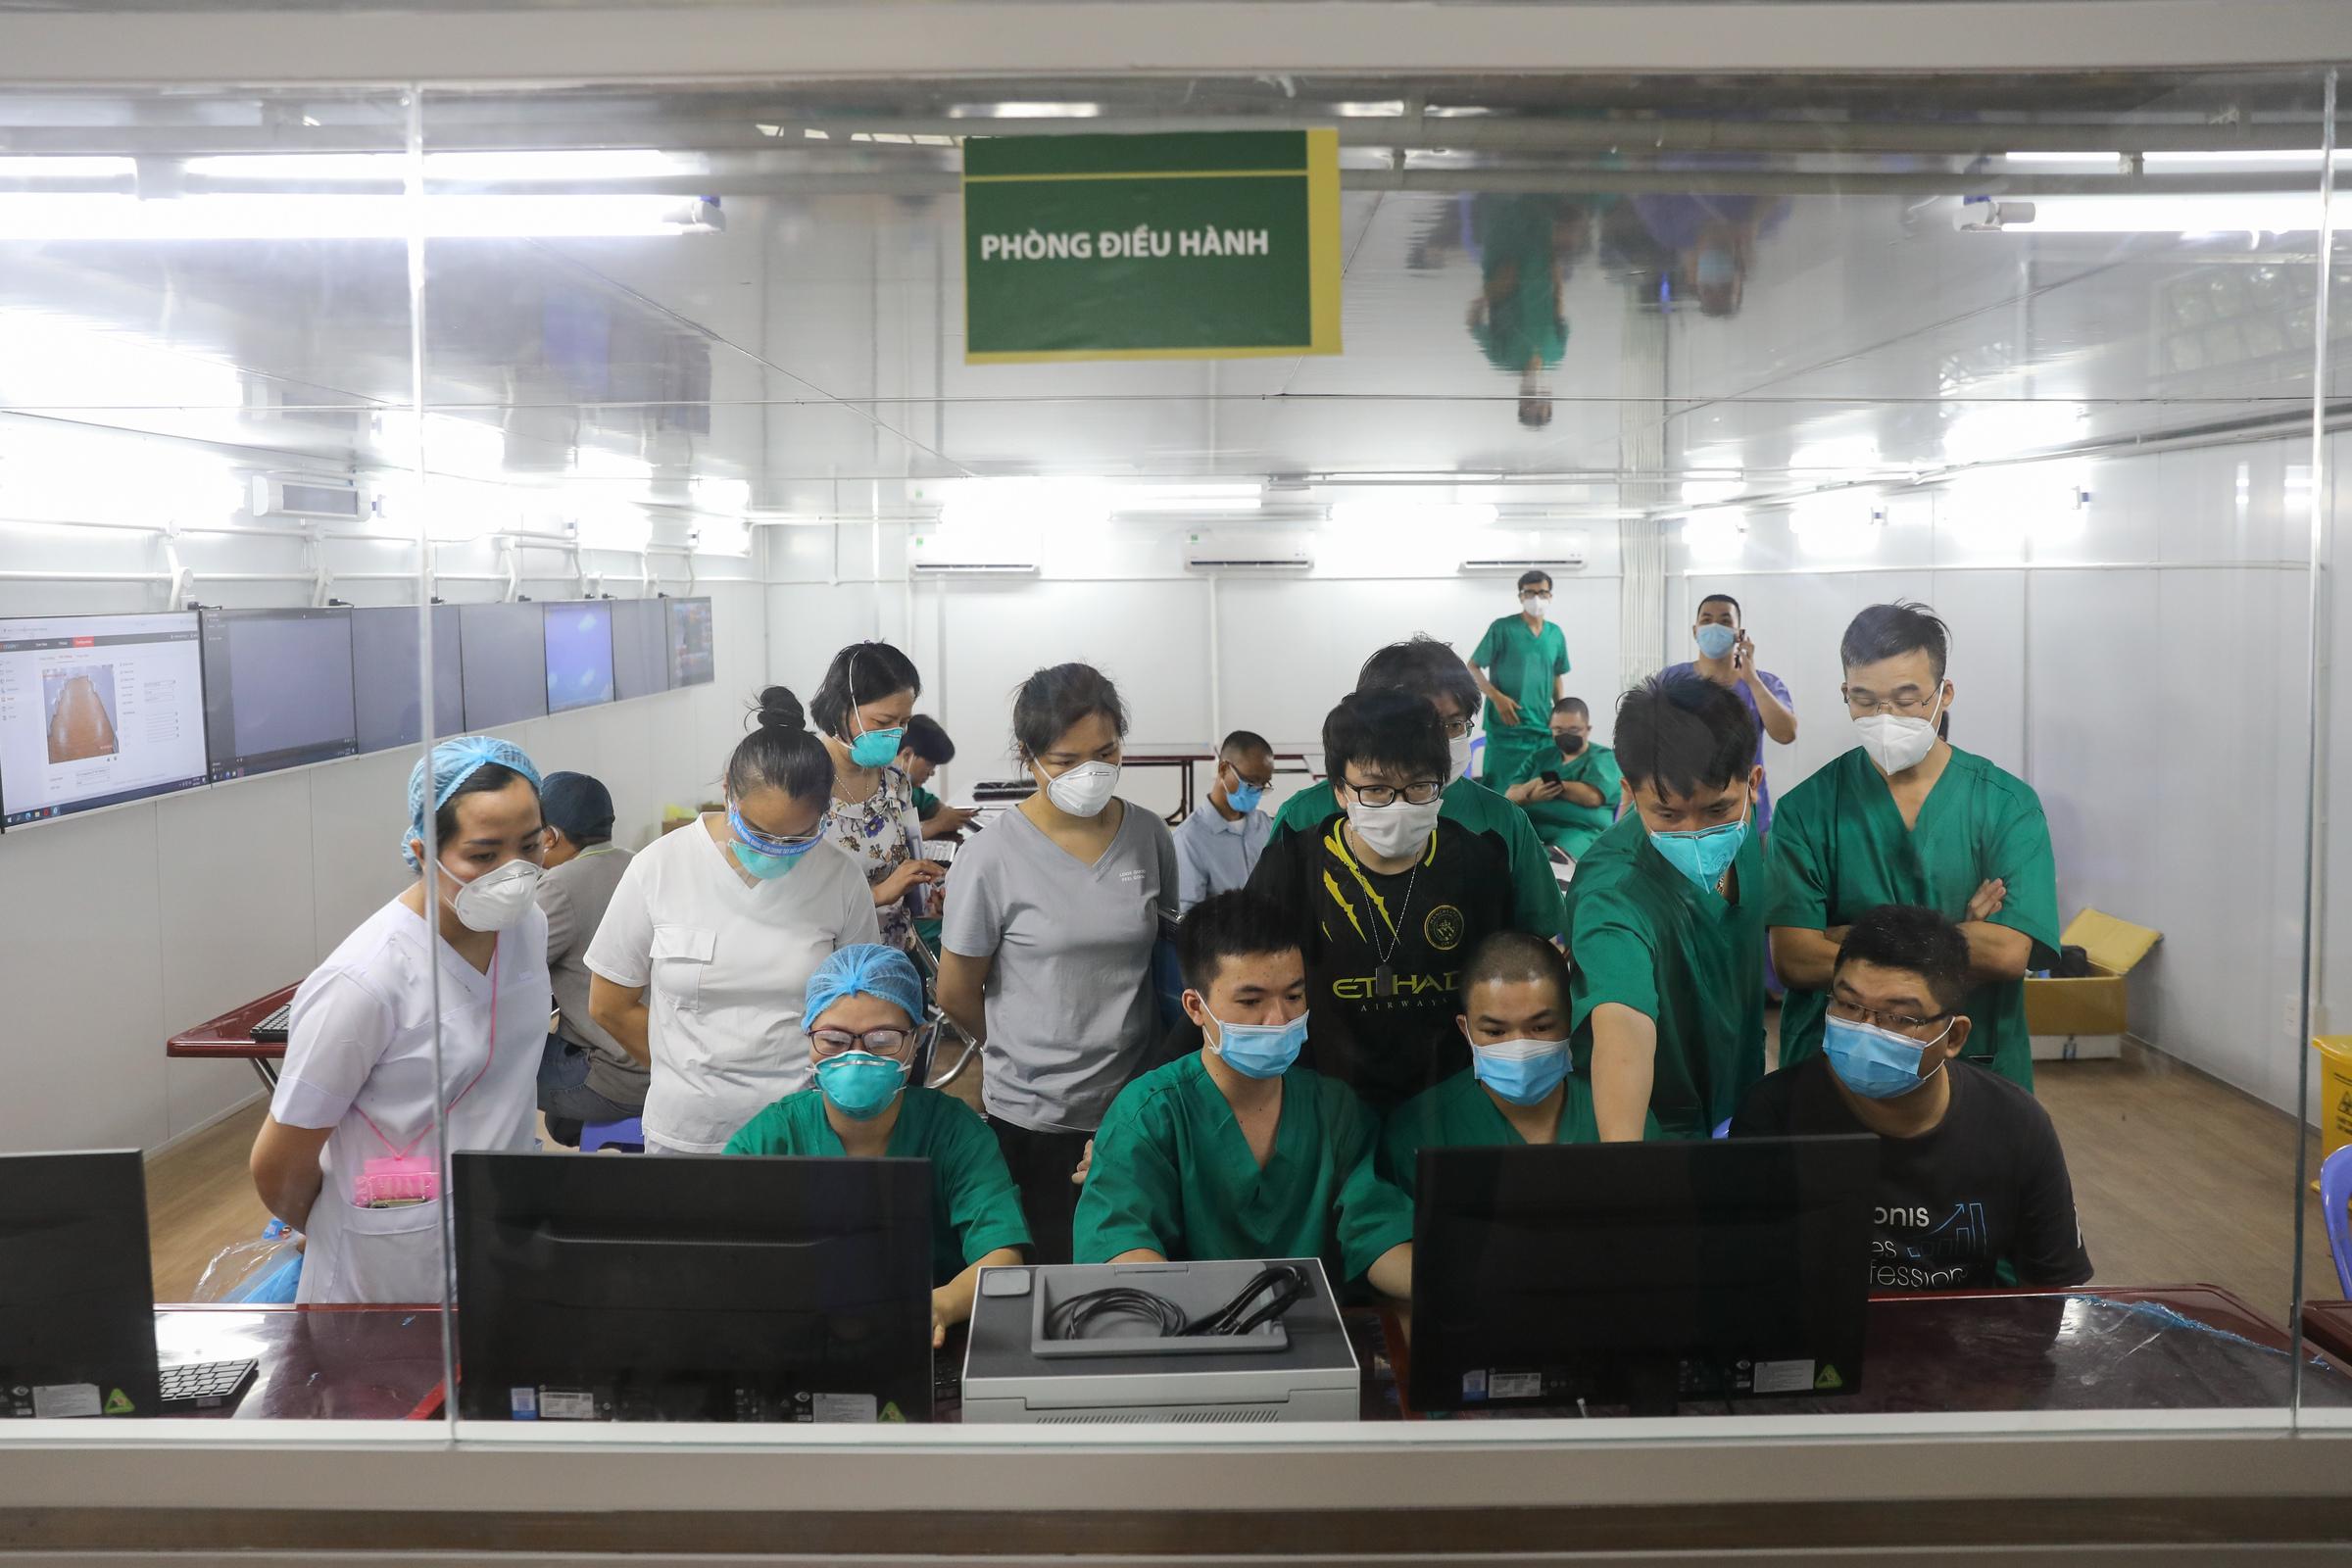 Trung tâm hồi sức Covid-19 quy mô 500 giường tại Bệnh viện dã chiến số 16 (quận 7) trước ngày hoạt động, ngày 7/8. Ảnh: Quỳnh Trần